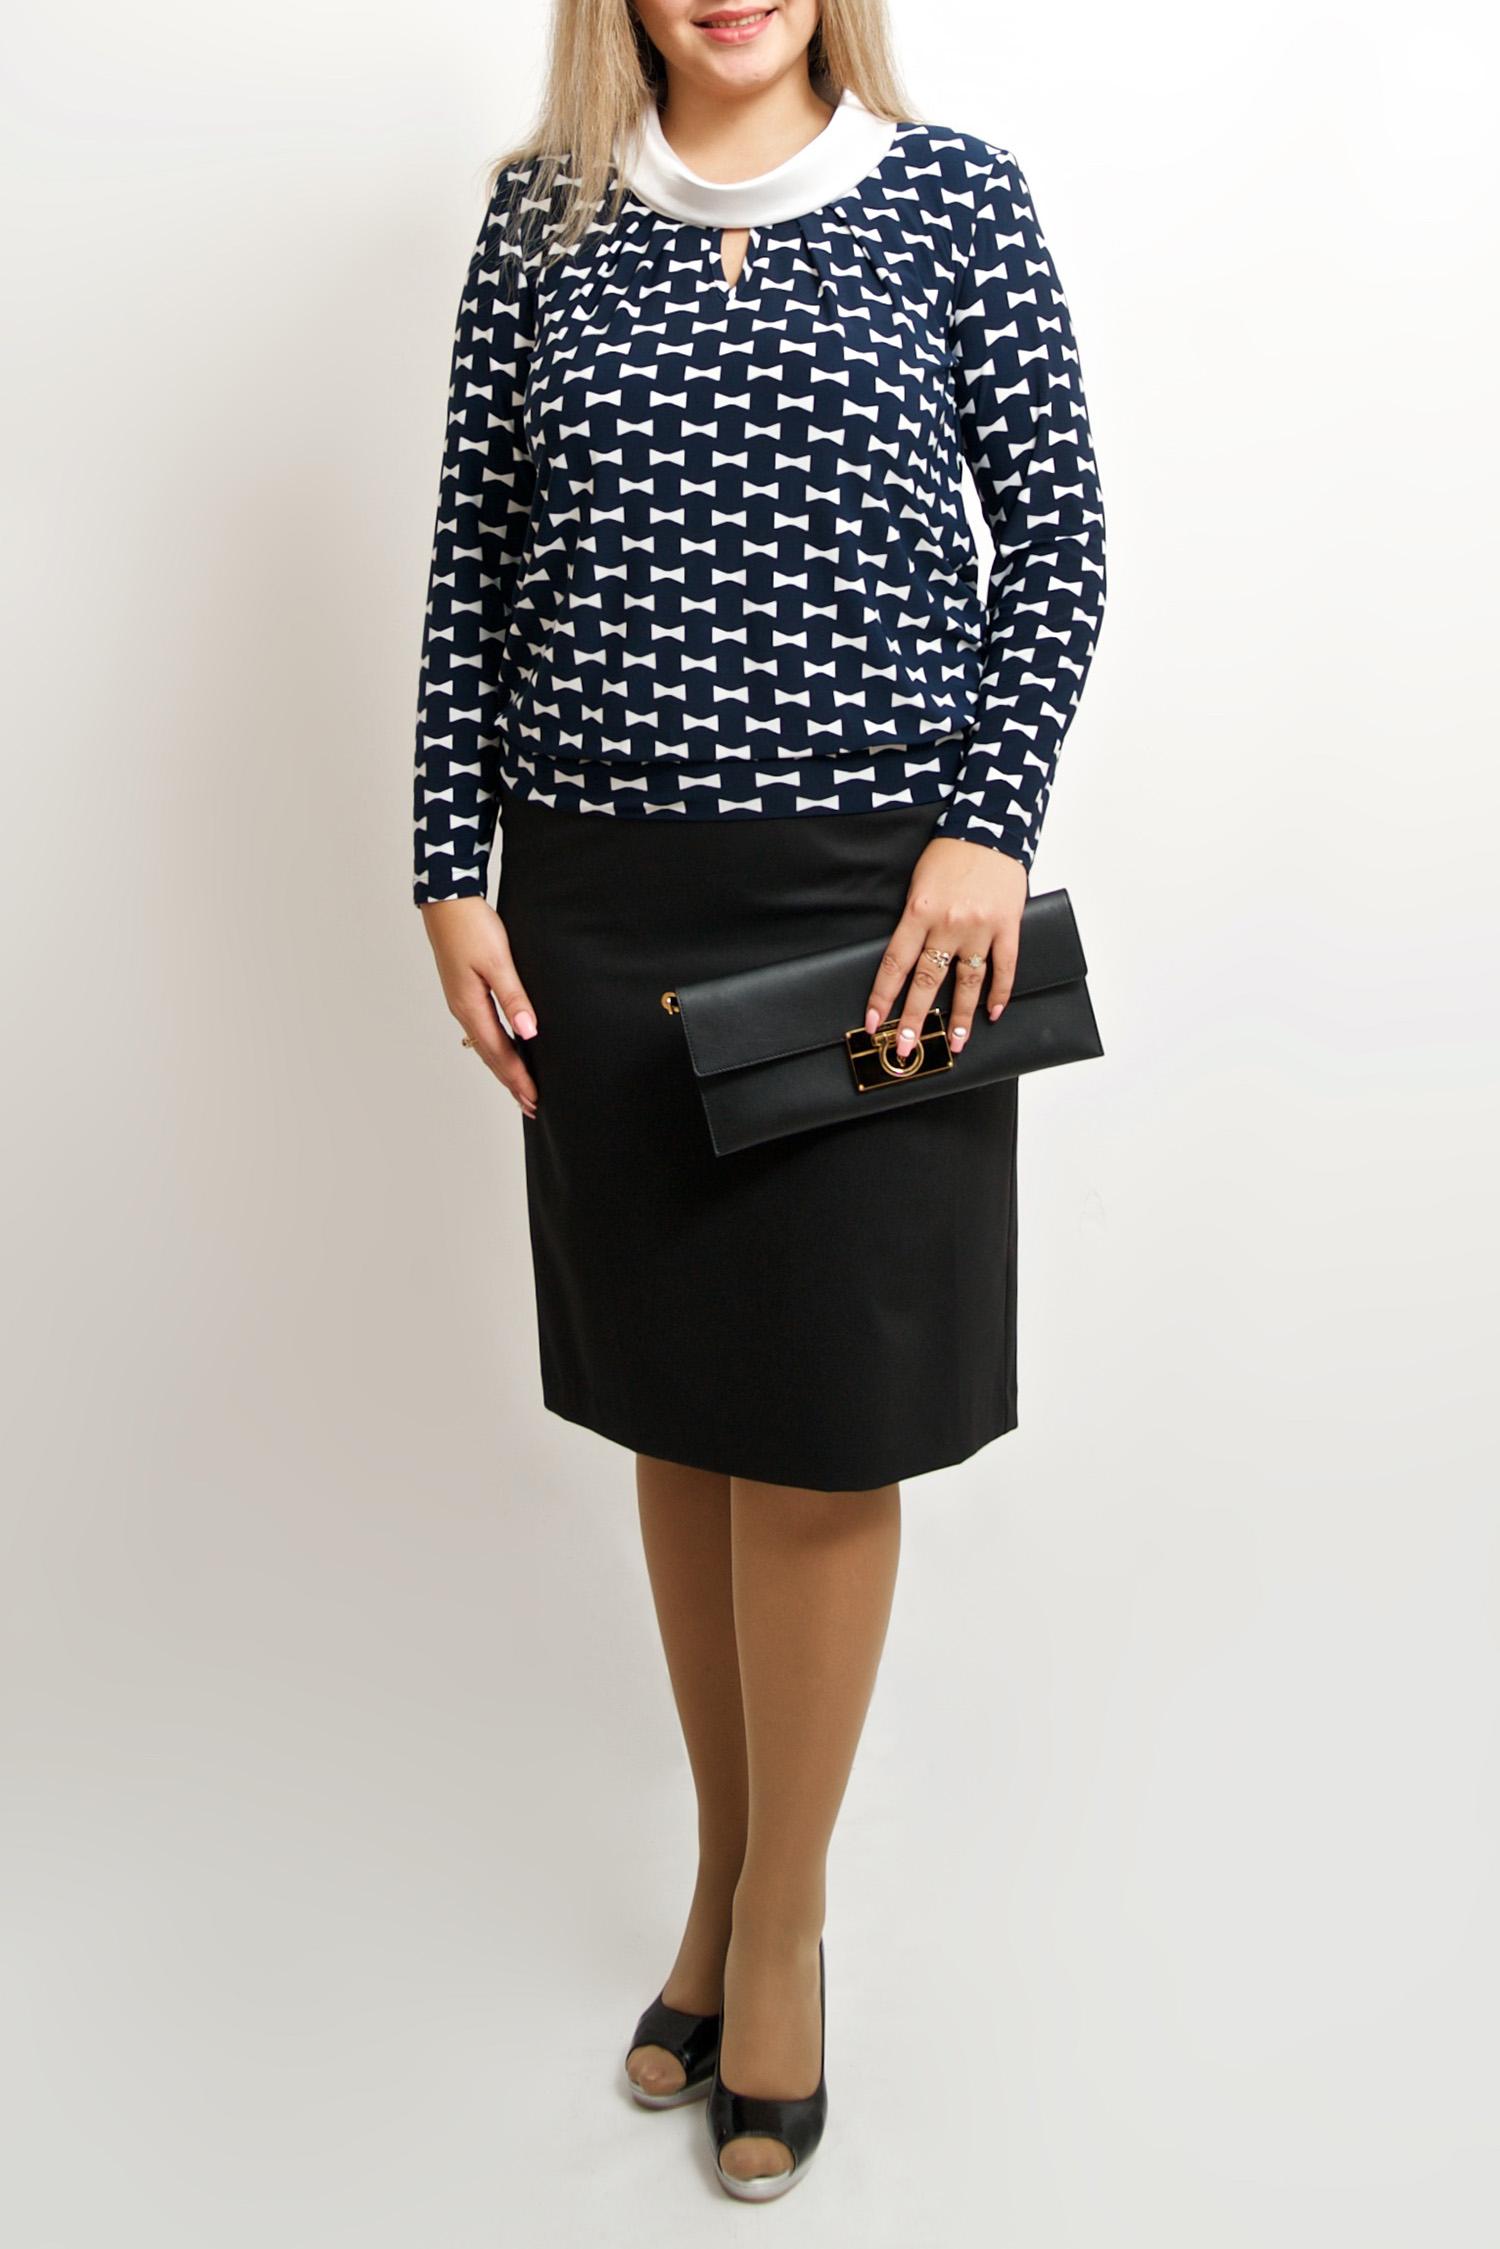 БлузкаБлузки<br>Красивая блузка с декоративным вырезом капелька. Модель выполнена из приятного материала. Отличный выбор для любого случая.  В изделии использованы цвета: синий, белый  Рост девушки-фотомодели 173 см<br><br>По материалу: Атлас,Трикотаж<br>По рисунку: С принтом,Цветные<br>По сезону: Весна,Зима,Лето,Осень,Всесезон<br>По силуэту: Полуприталенные<br>По стилю: Повседневный стиль<br>Рукав: Длинный рукав<br>Размер : 44-46,48-50,52-56,58-62,64-68<br>Материал: Холодное масло + Атлас<br>Количество в наличии: 15